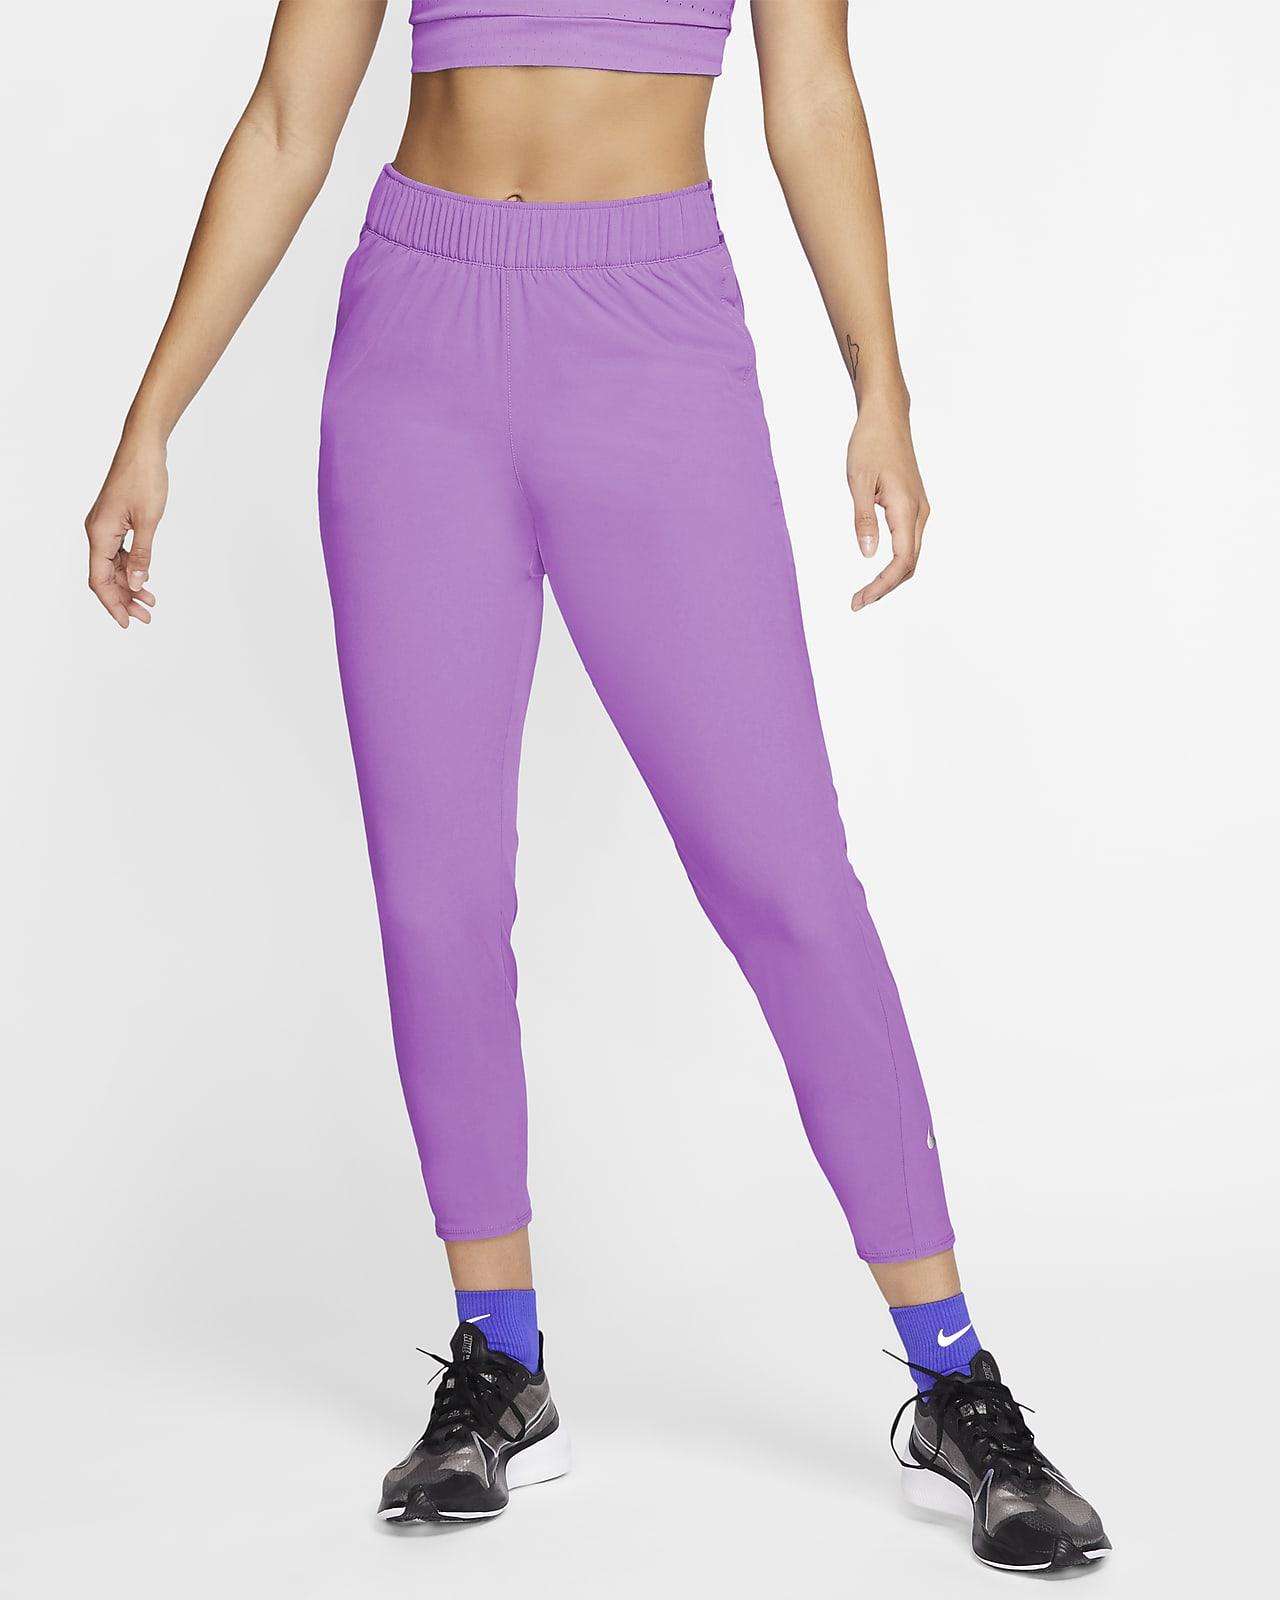 Nike Essential 7/8 Kadın Koşu Eşofman Altı